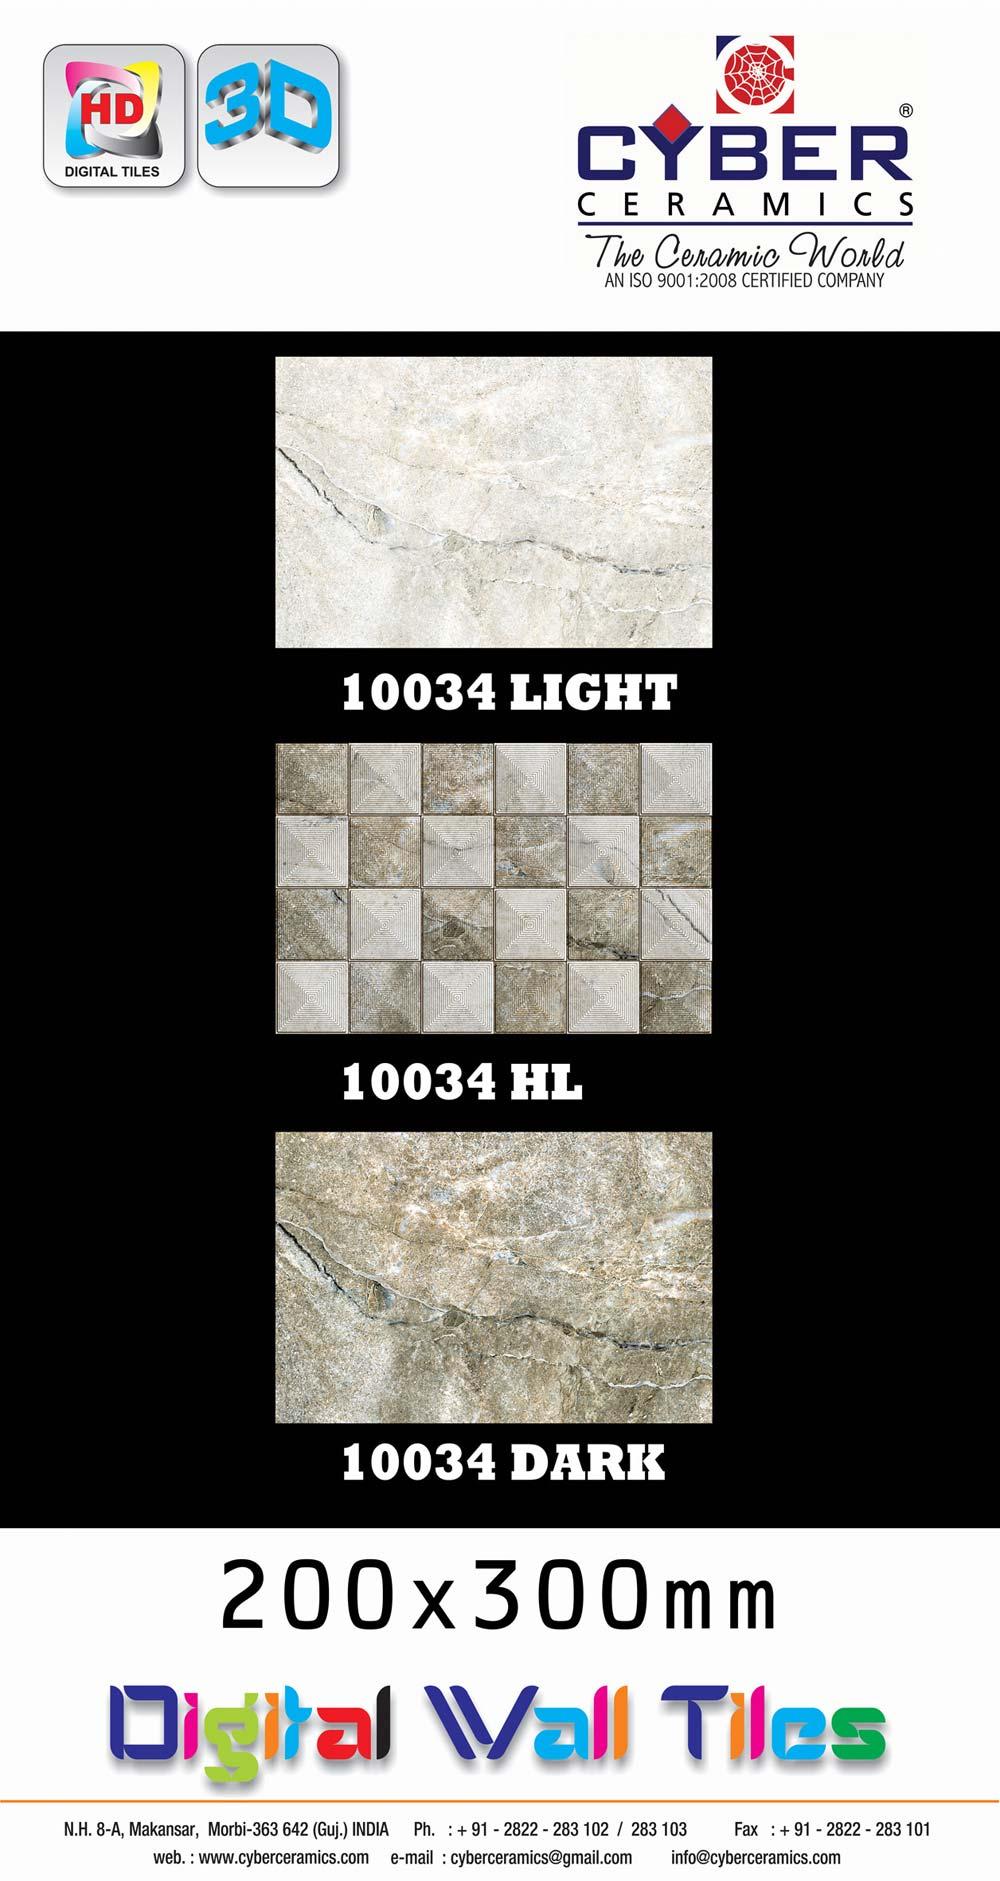 Ceramic Tile South Africa Manufacturer & Manufacturer from Morbi ...